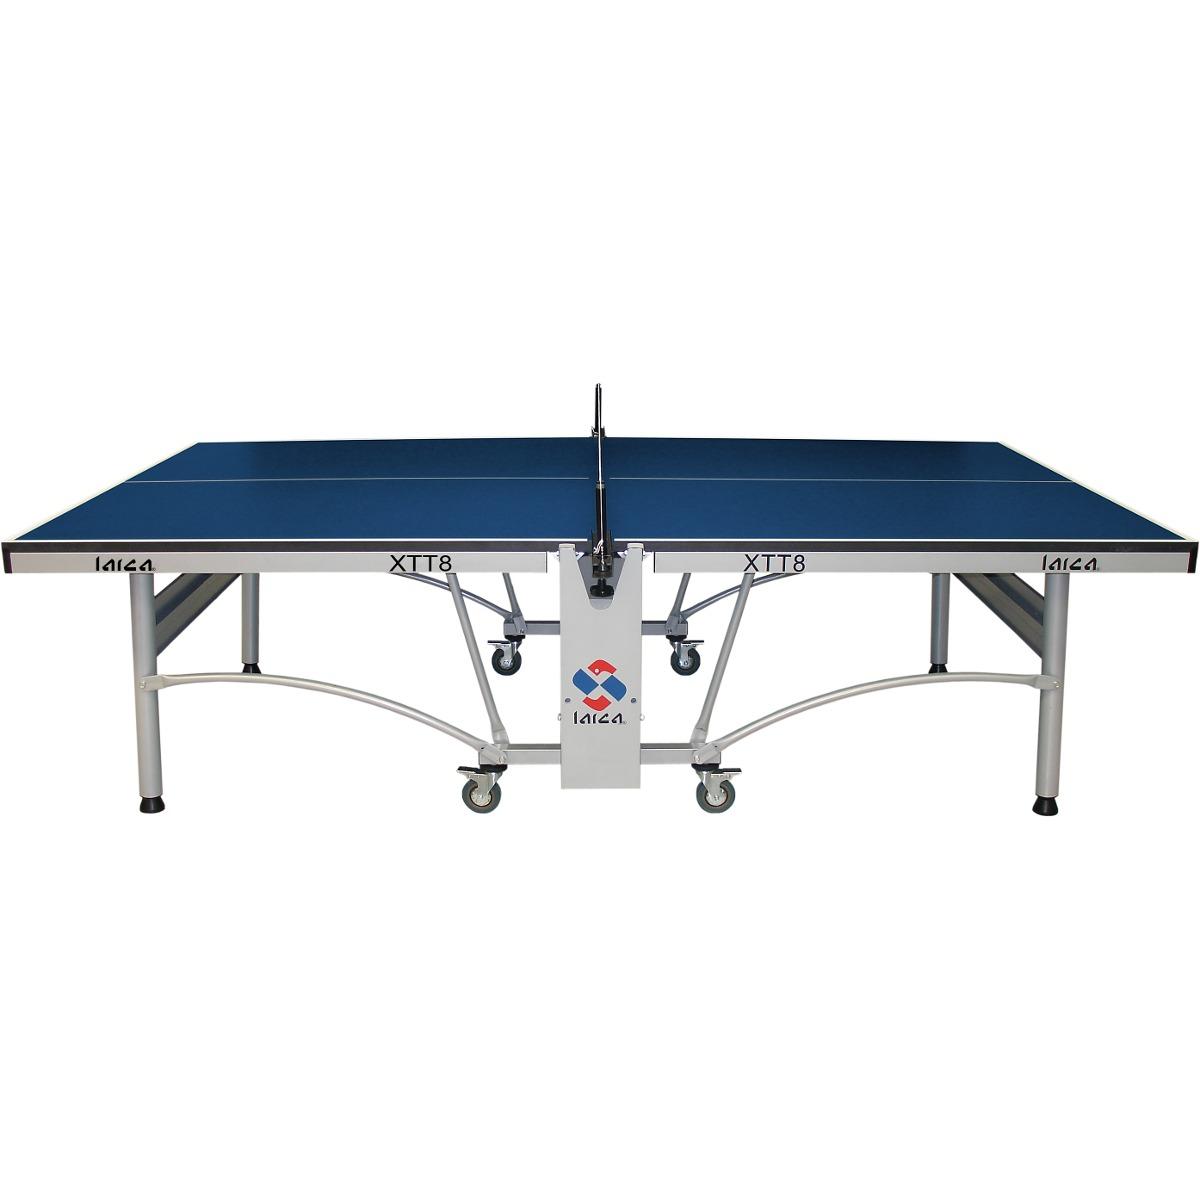 Mesa de ping pong 3lite 16 en mercado libre - Mesa de ping pong precio ...